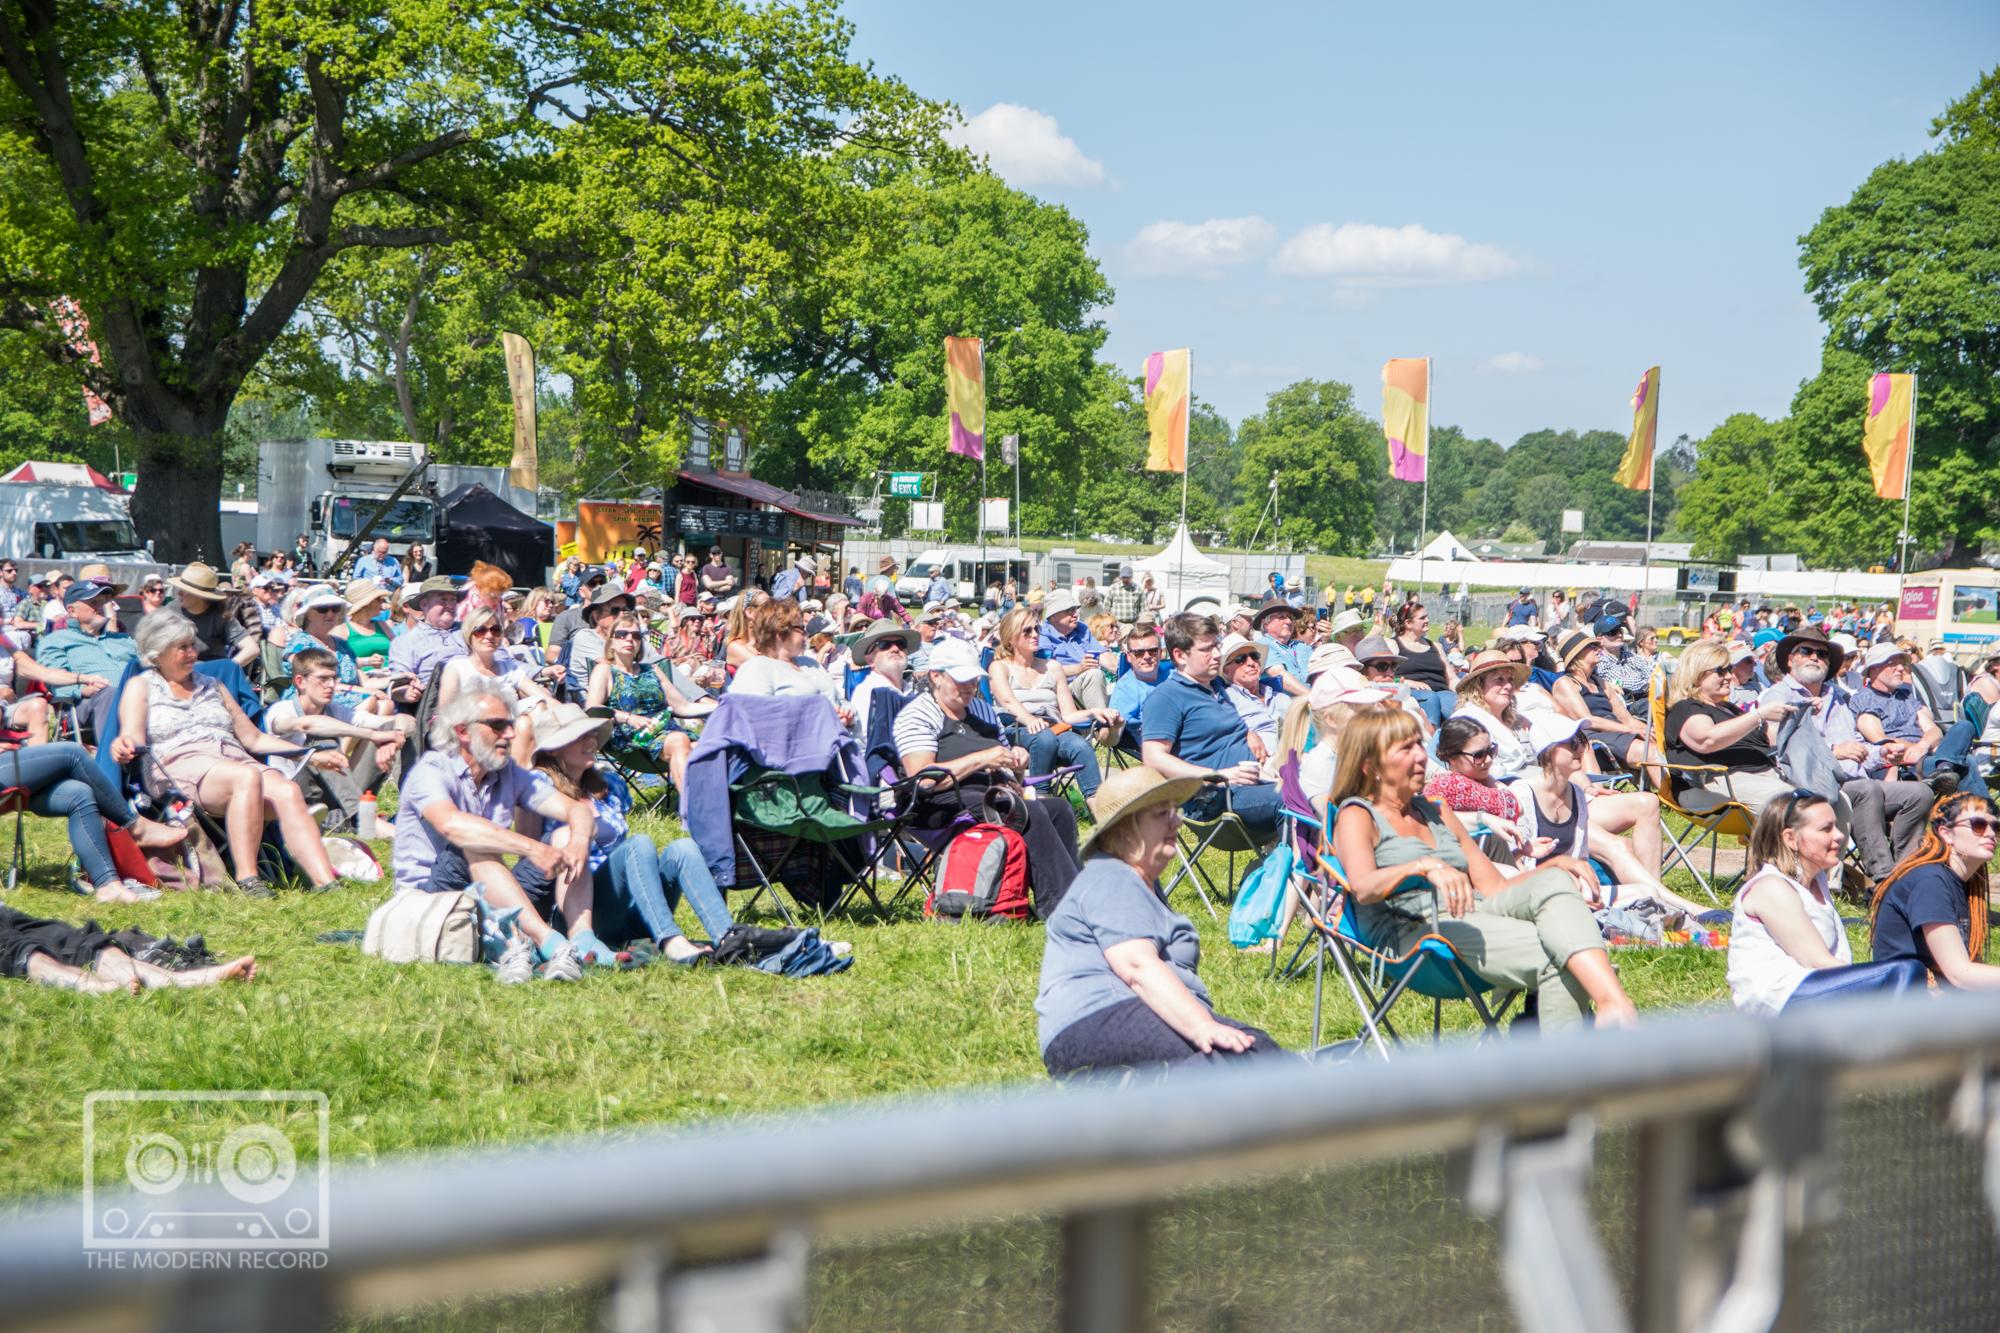 crowd (1 of 1).jpg